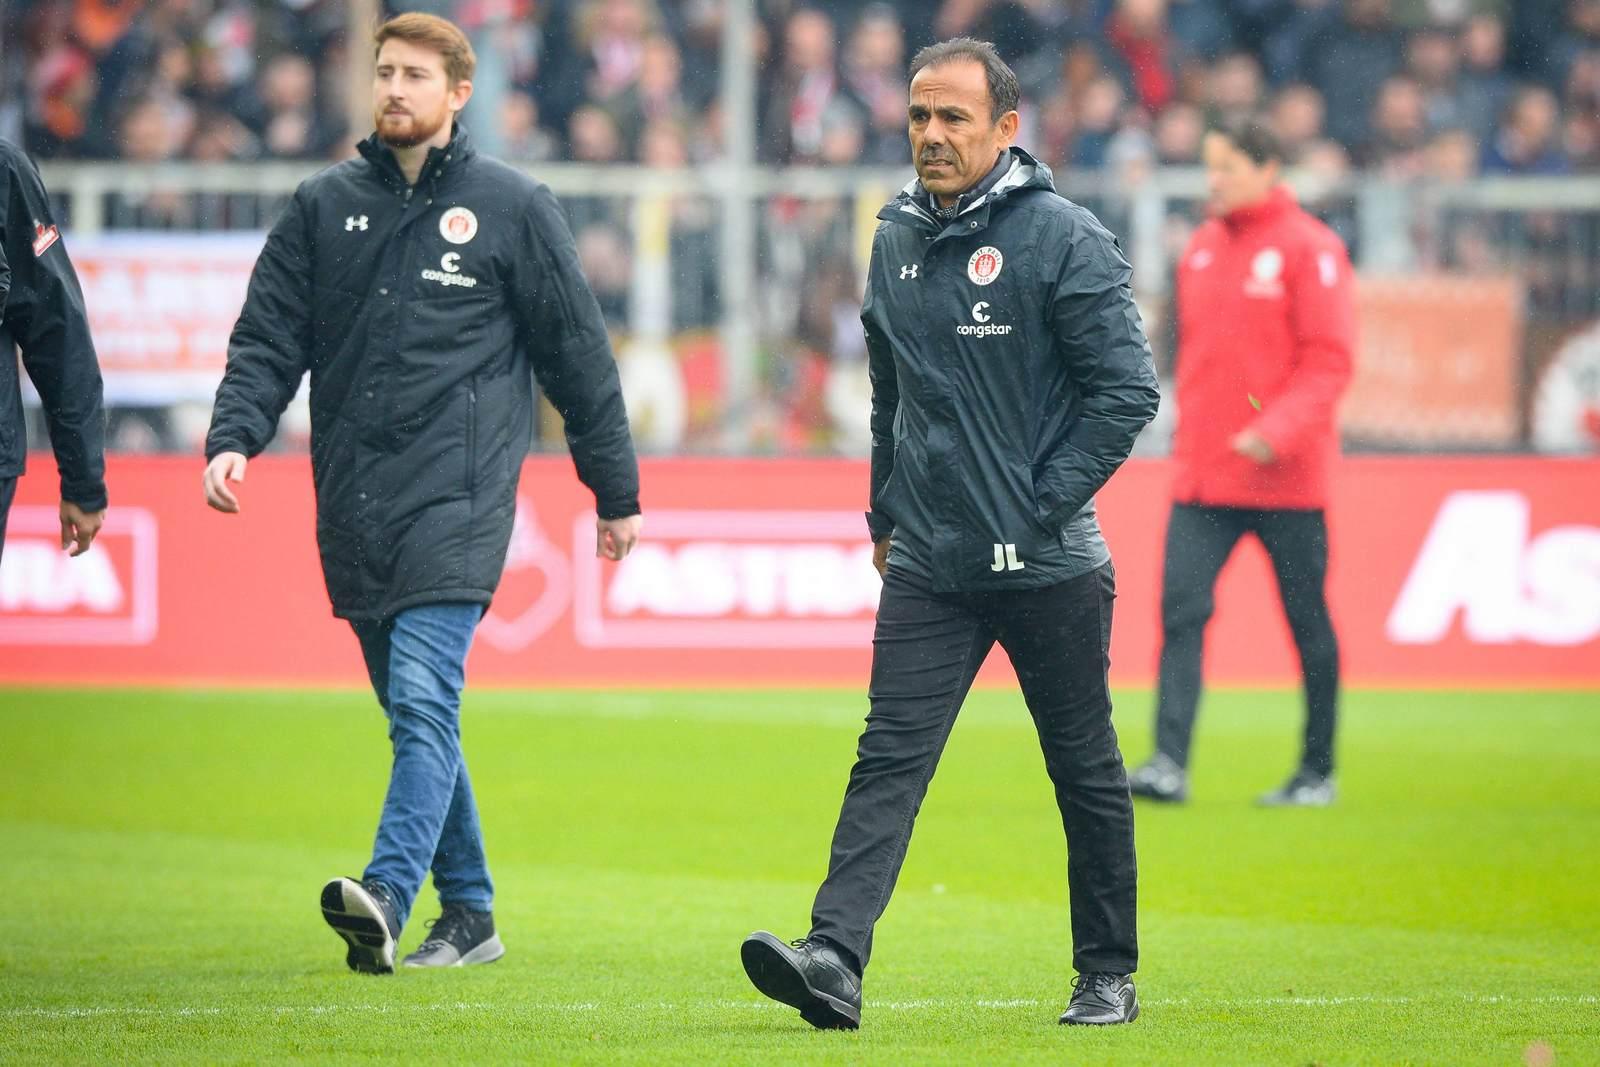 Jos Luhukay als Trainer vom FC St. Pauli auf dem Weg zur Bank